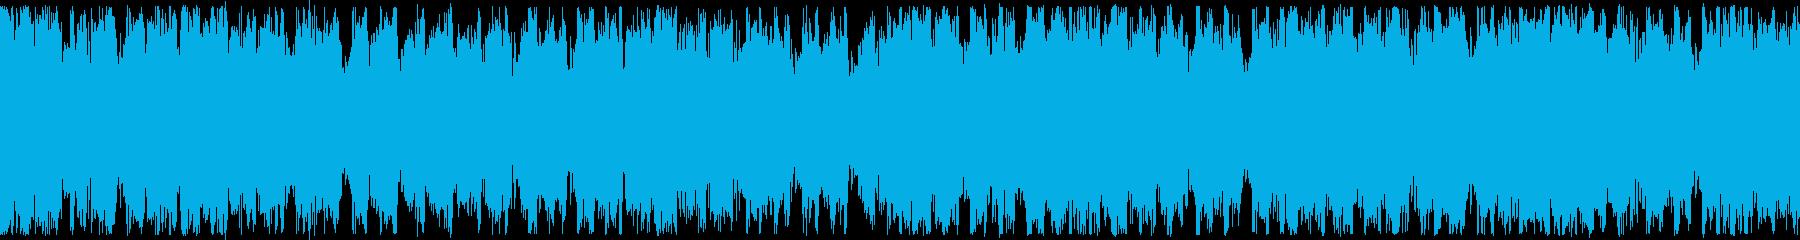 【ループ再生】疾走感のある爽やかなEDMの再生済みの波形